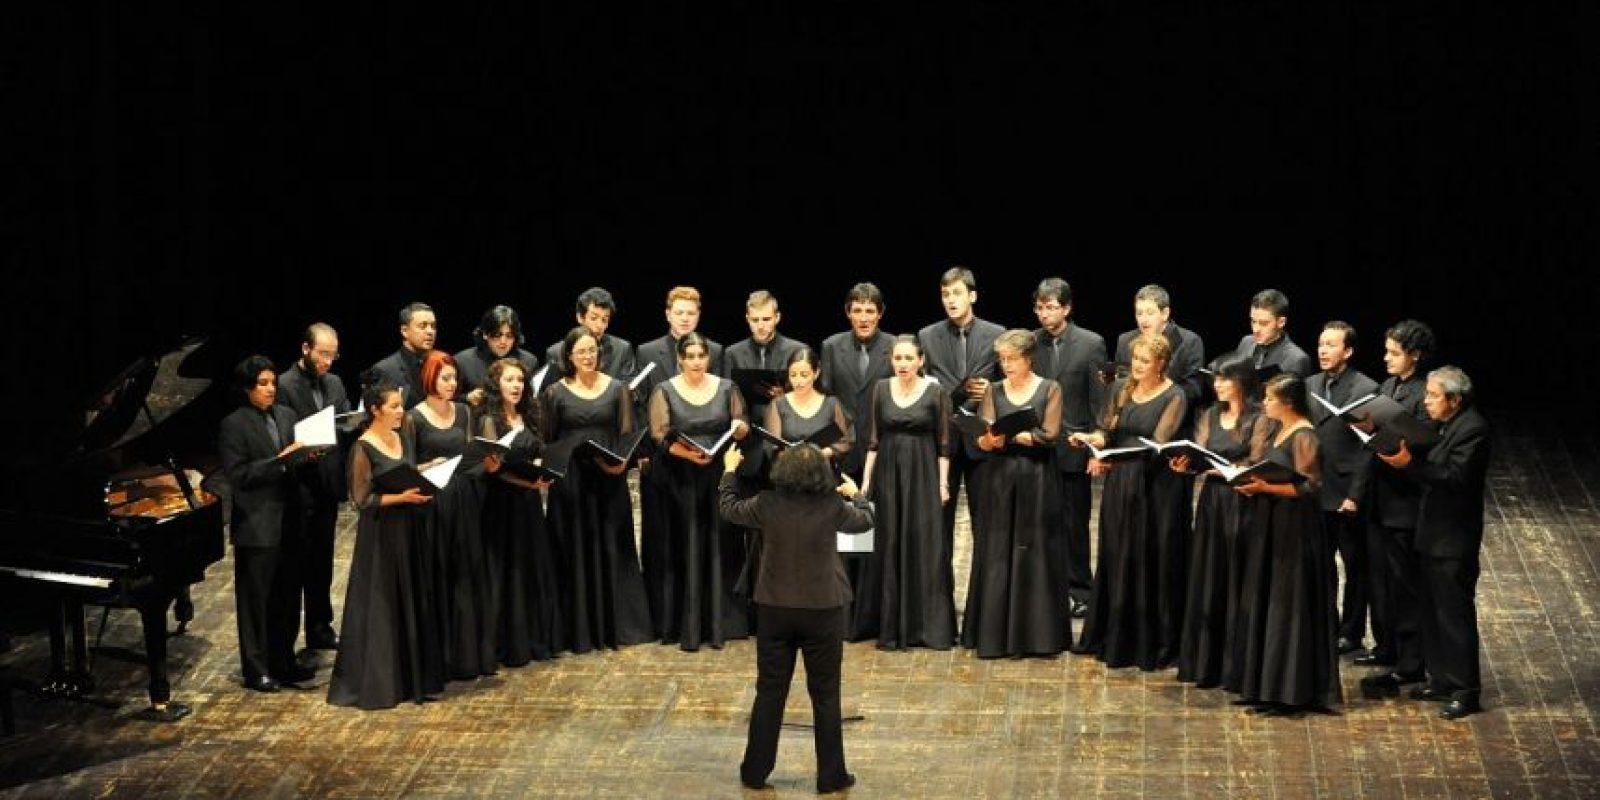 Un espectáculo denominado 'De lo divino a lo humano' a cargo del coro Tonos Humanos en el MAMM. Foto:Cortesía MAMM